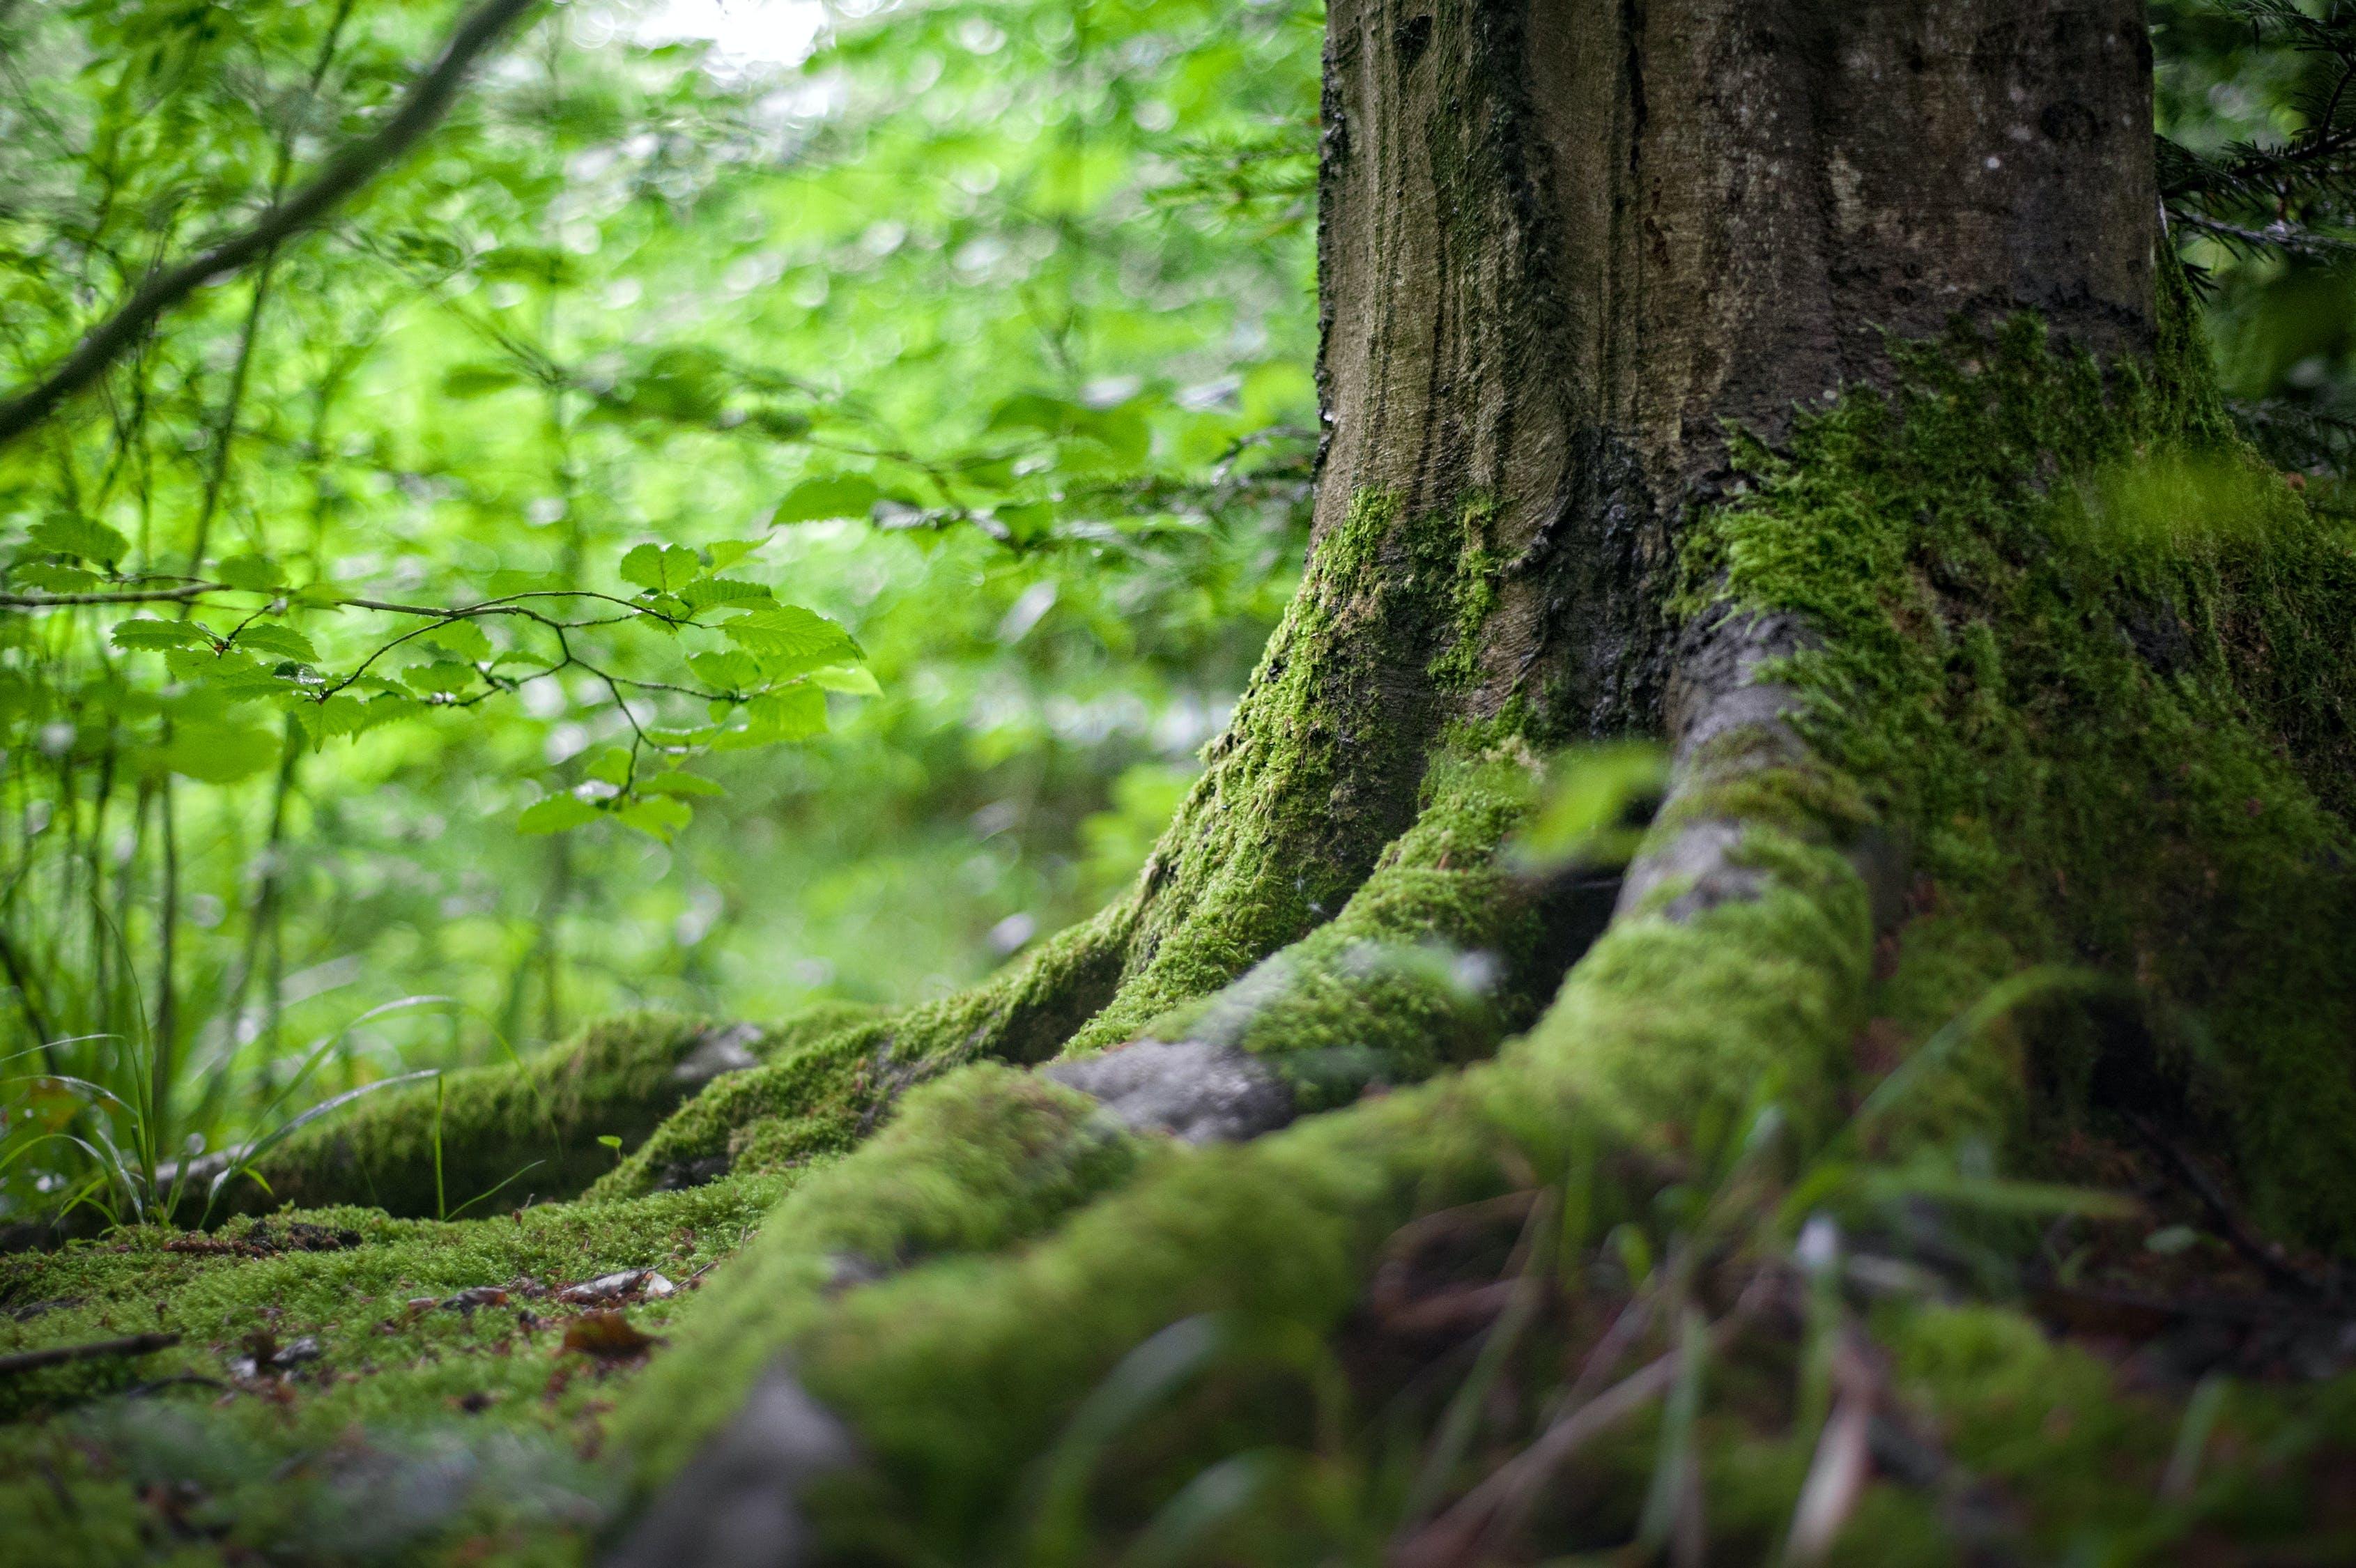 Arbre Vert Près De Plantes Vertes